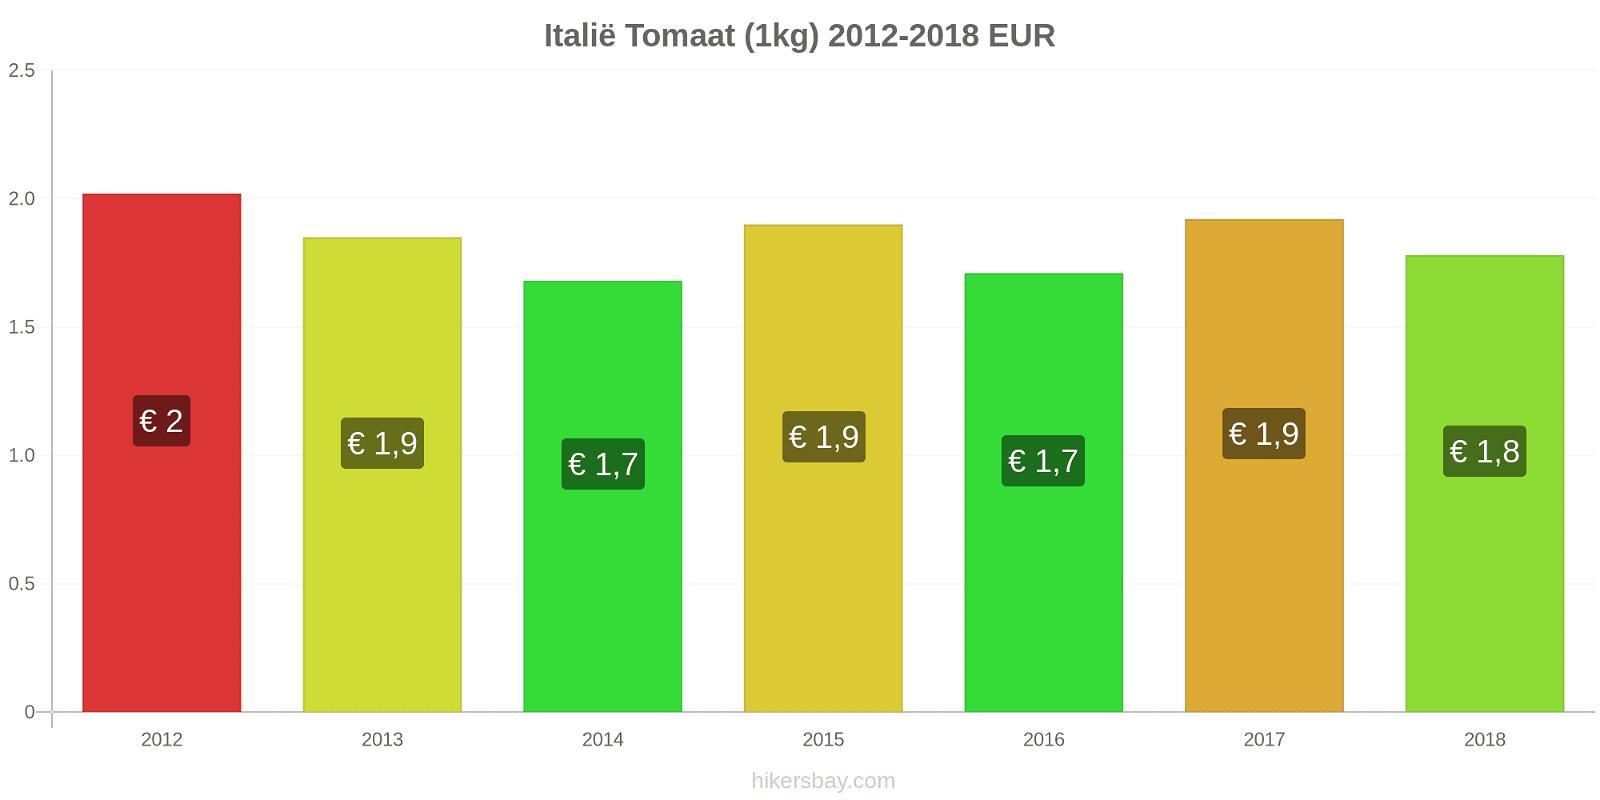 Italië prijswijzigingen Tomaat (1kg) hikersbay.com